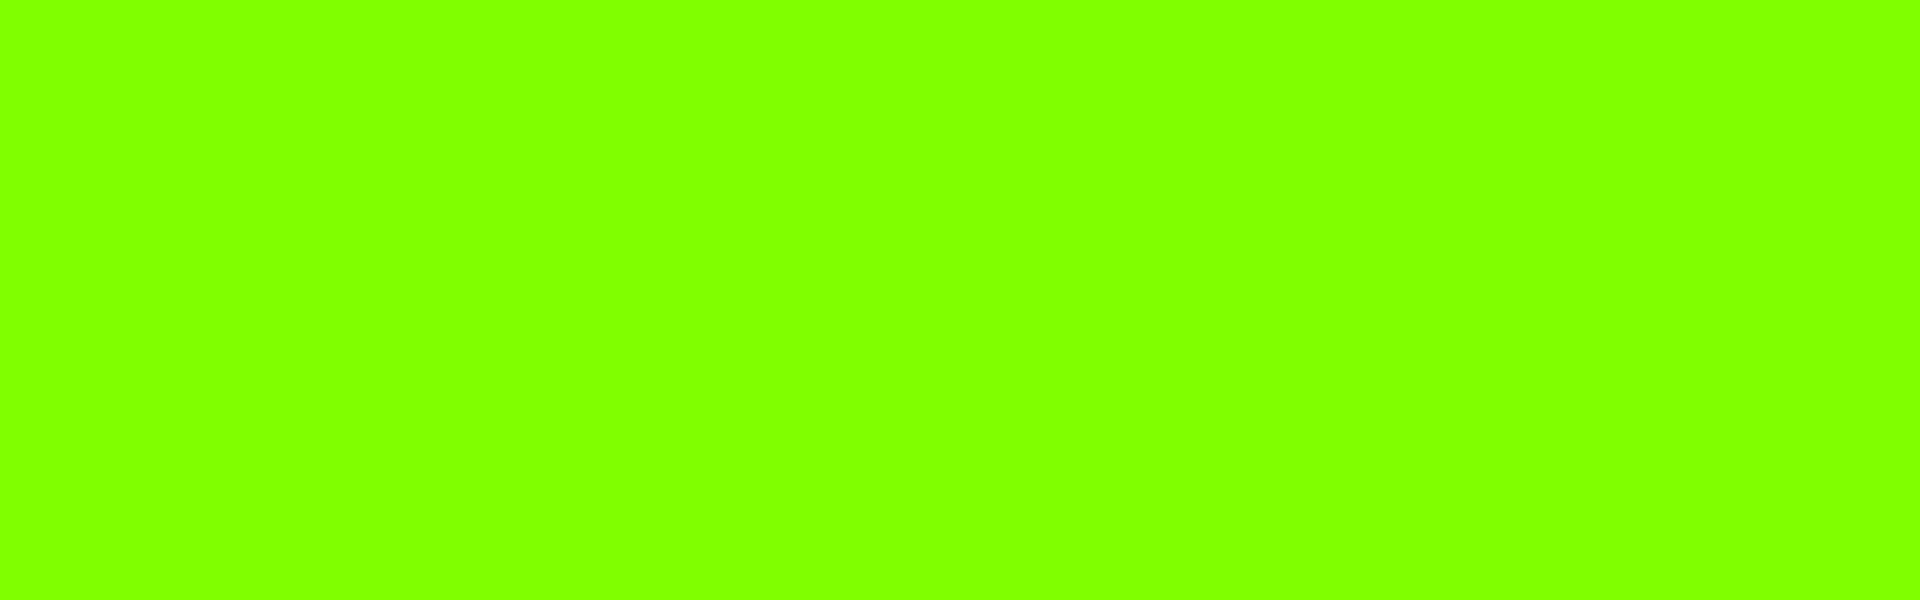 Grinch-Green-Background